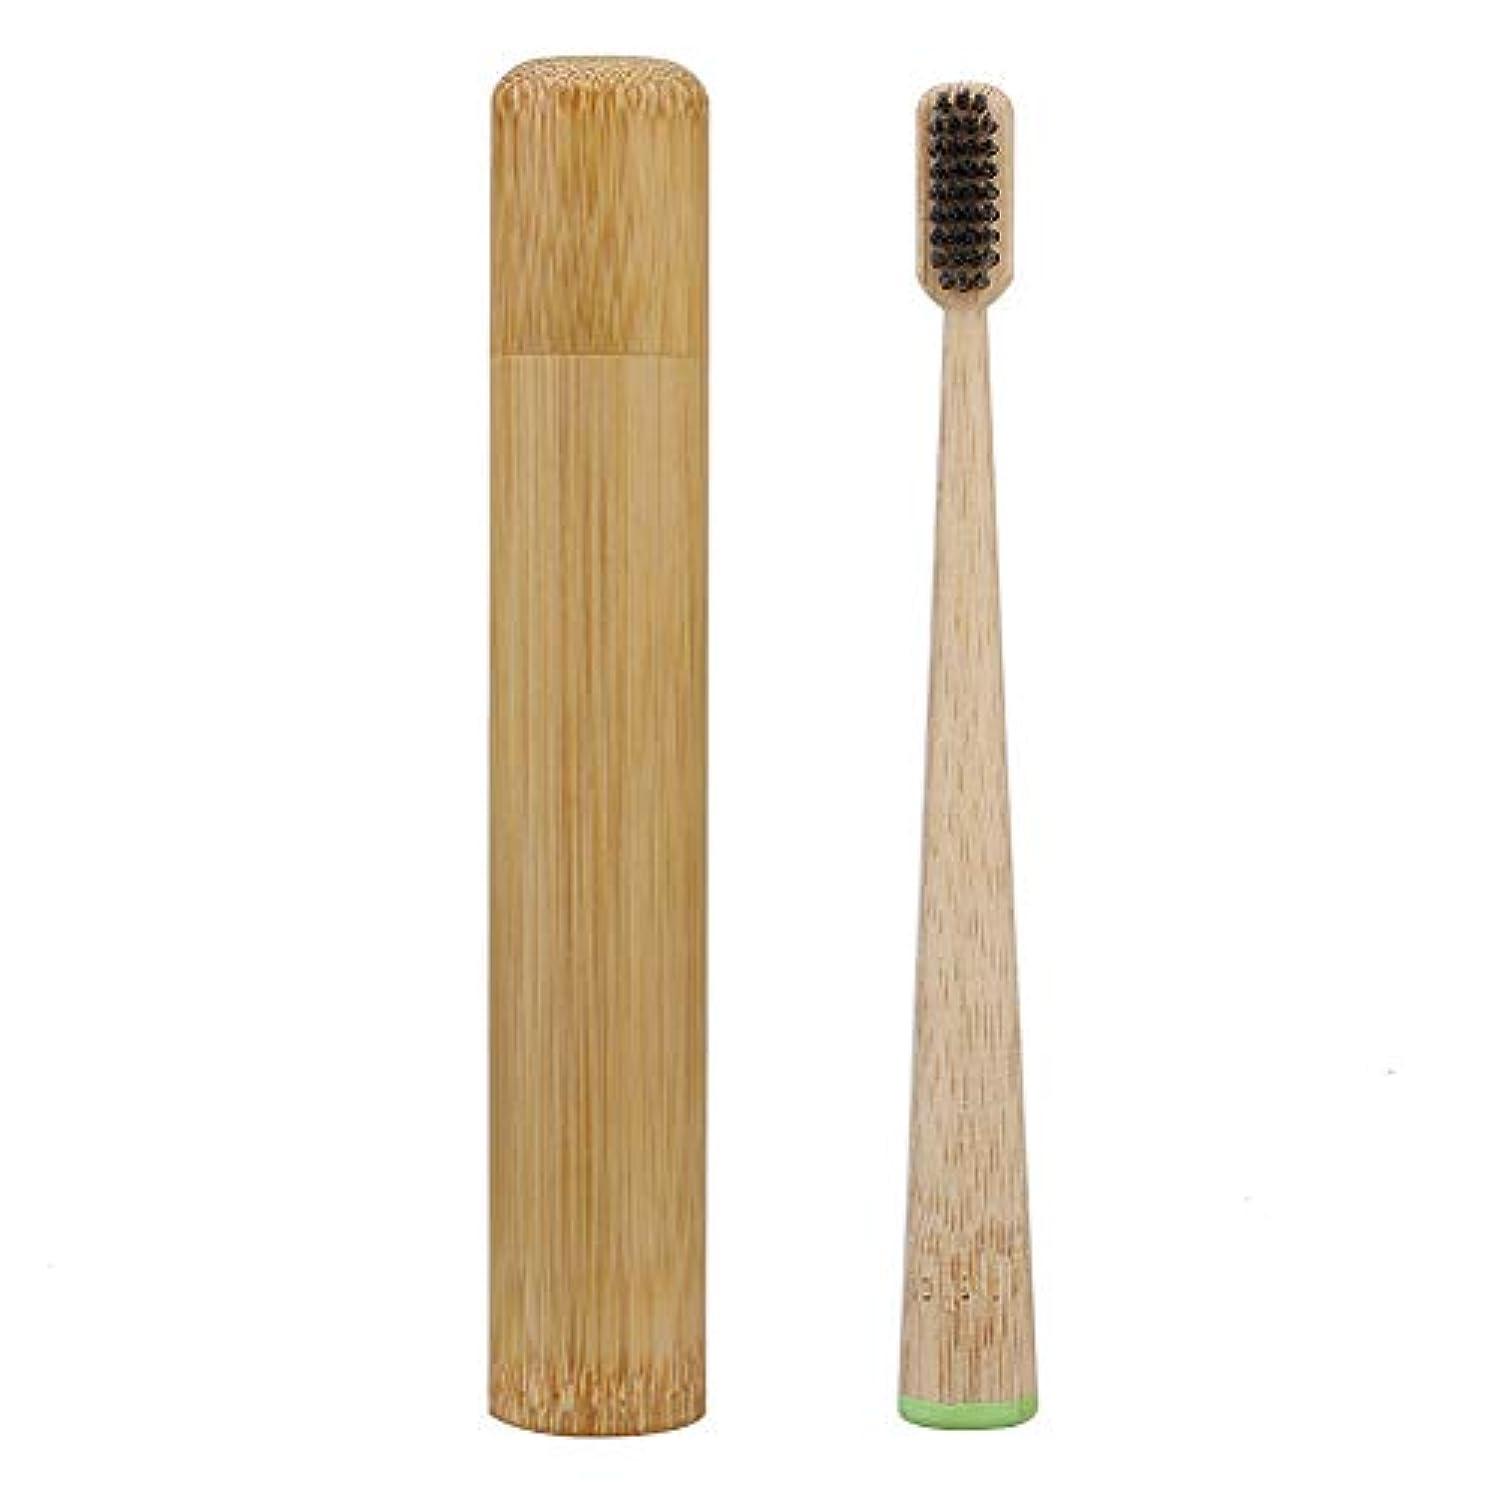 競う約周術期Pannow 2pcs 竹の歯ブラシ 子ども用ハブラシ 丸いハンドル歯ブラシ ケース付き 柔らかい 炭の毛 環境にやさしい歯ブラシ